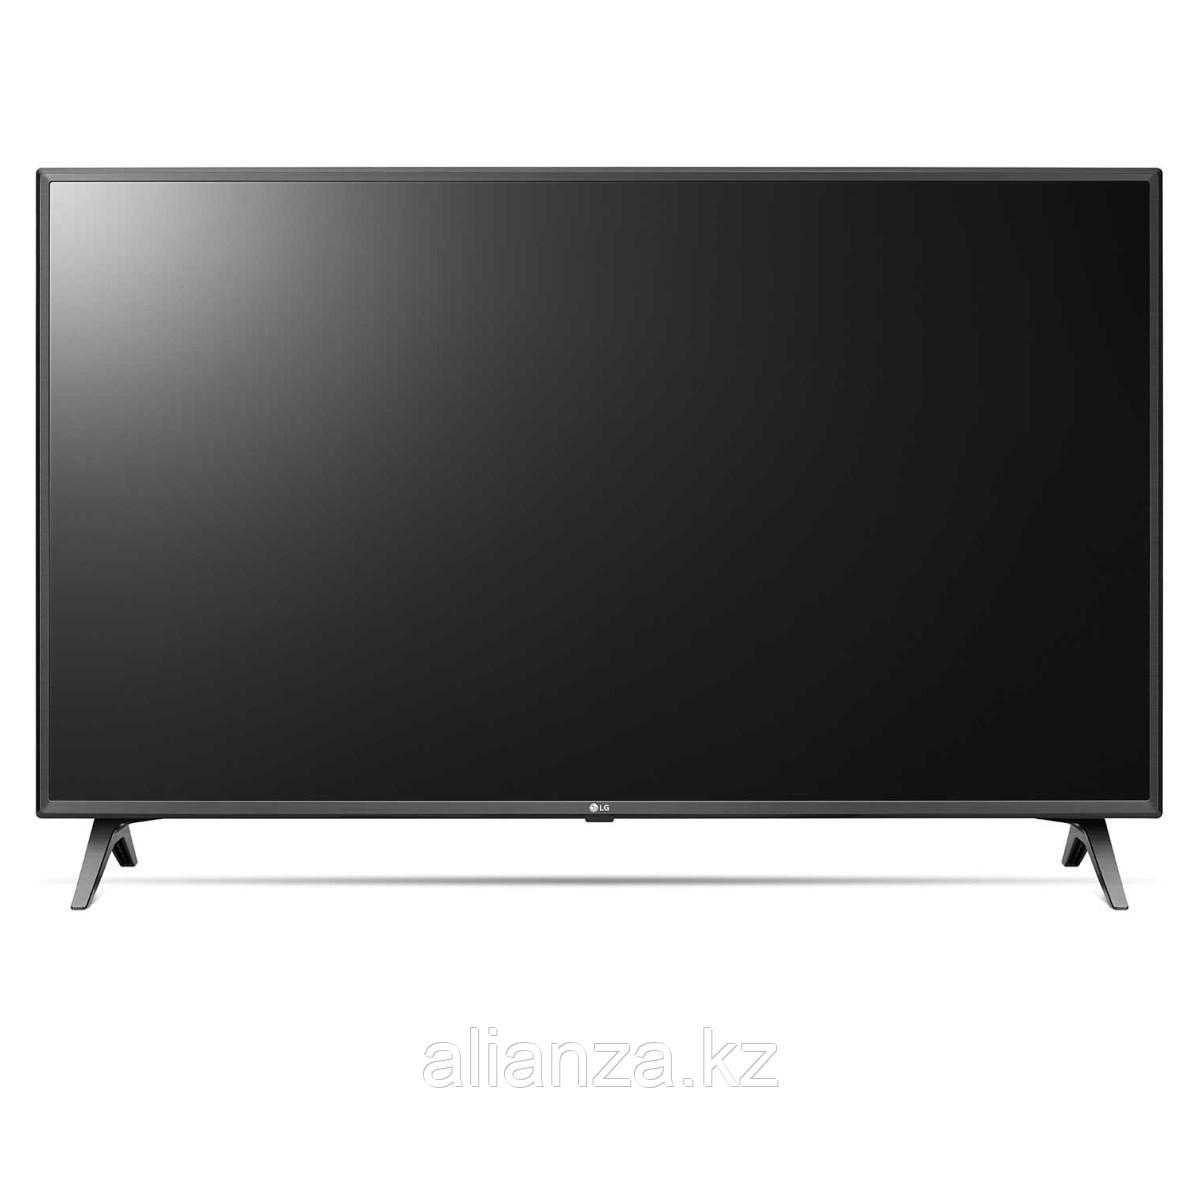 LED телевизор LG 43UM7500 - фото 2